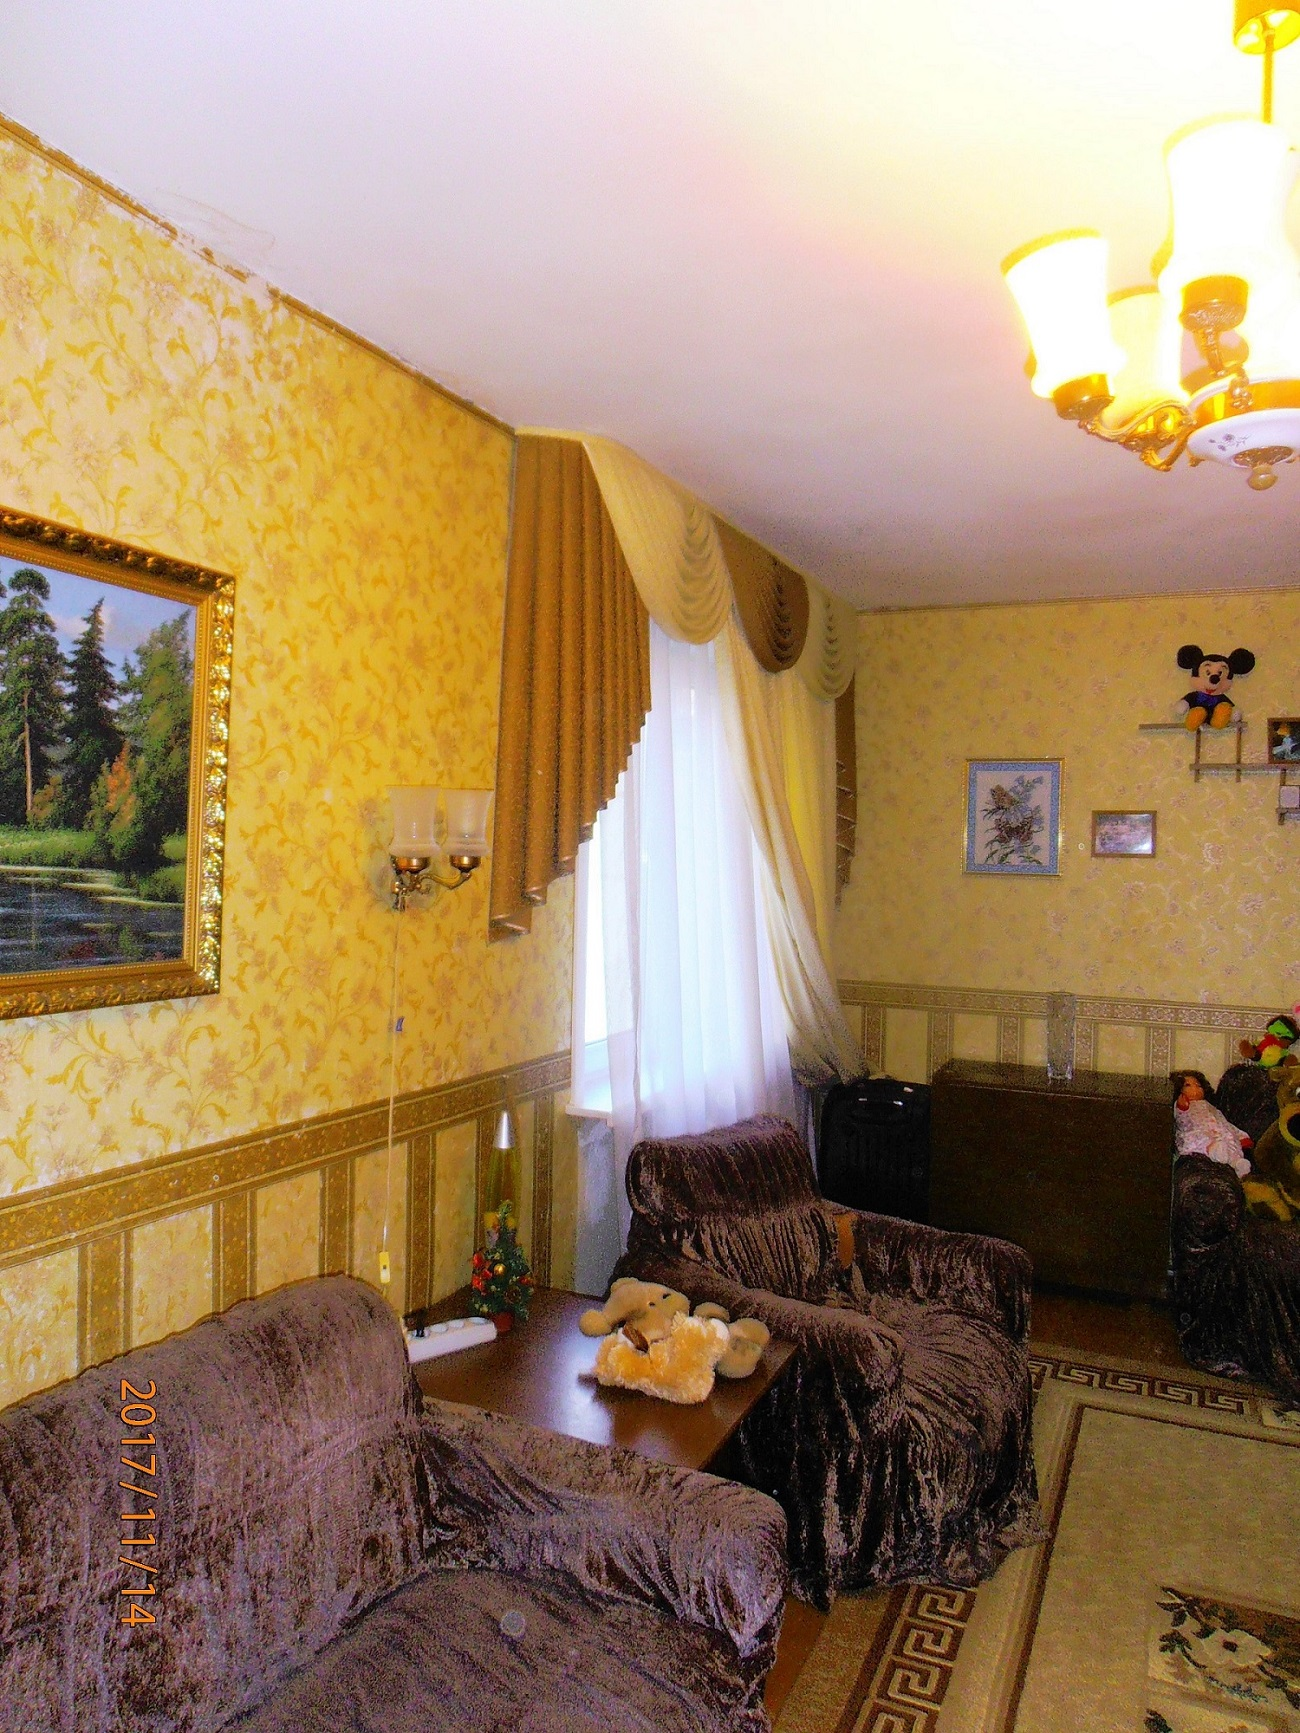 Двухкомнатная квартира - ул.Инженерная, д. 12